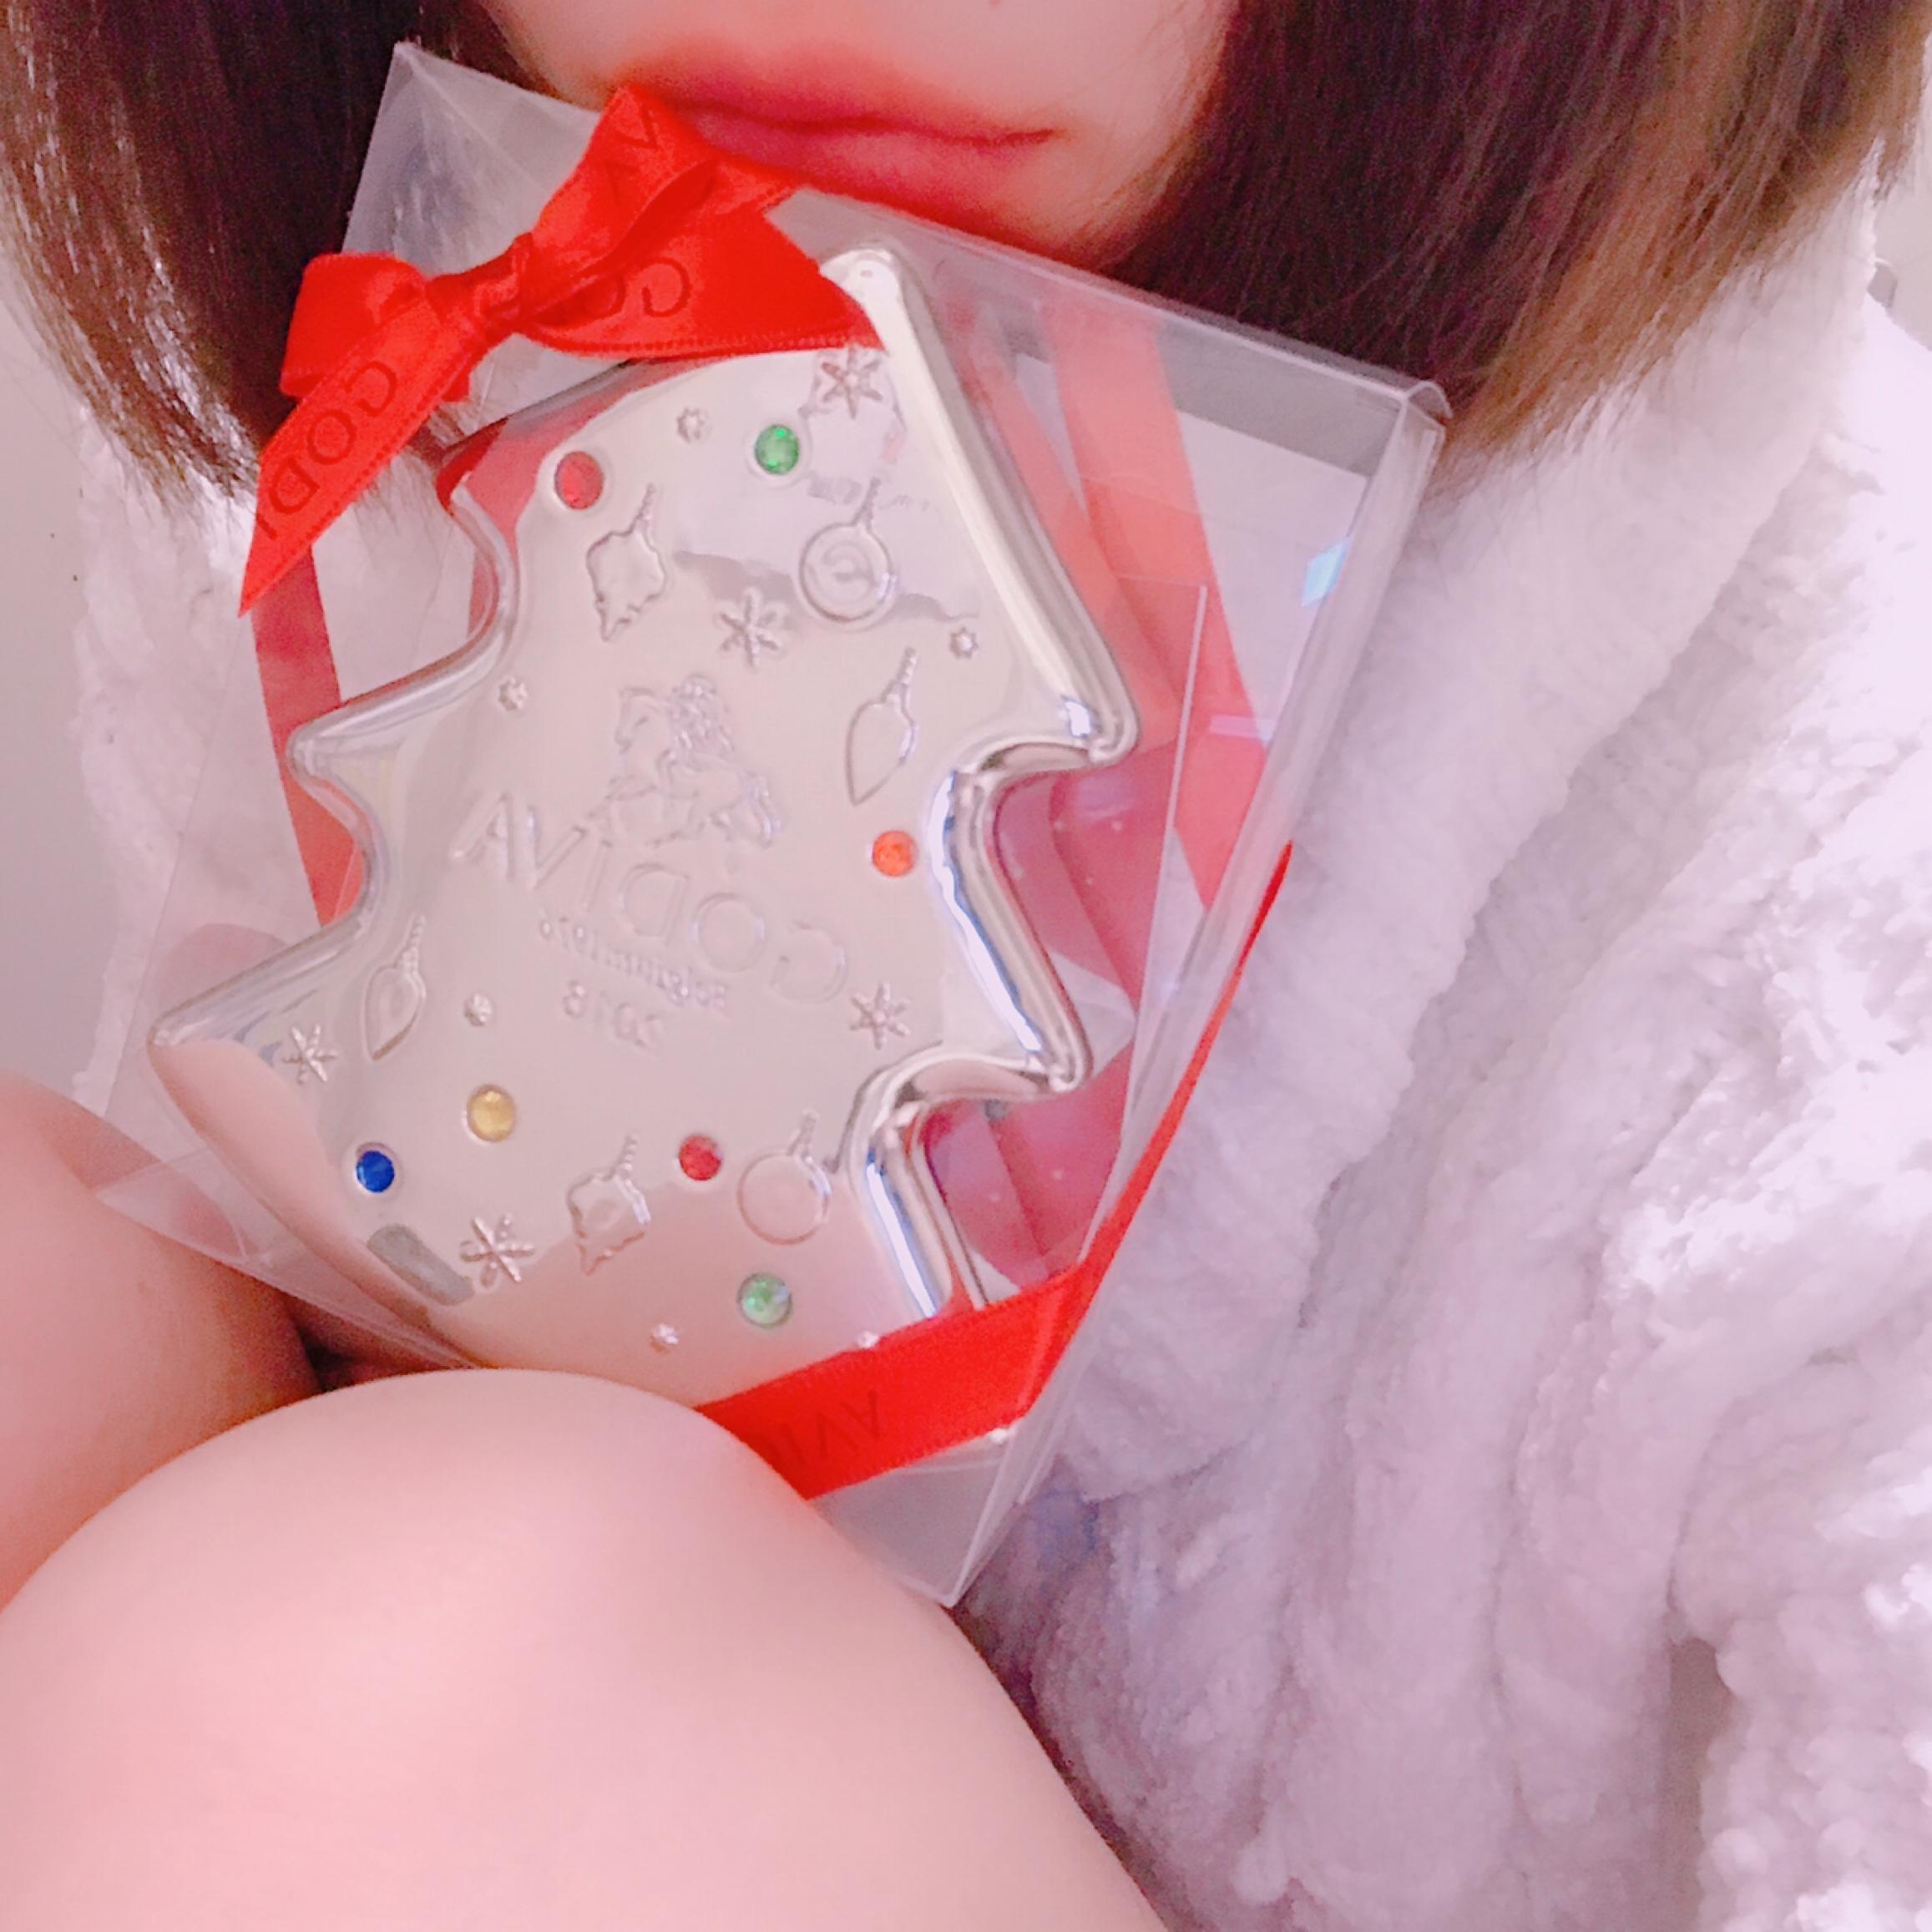 「お待ちしてます〜!」11/09(金) 18:36 | しなのの写メ・風俗動画